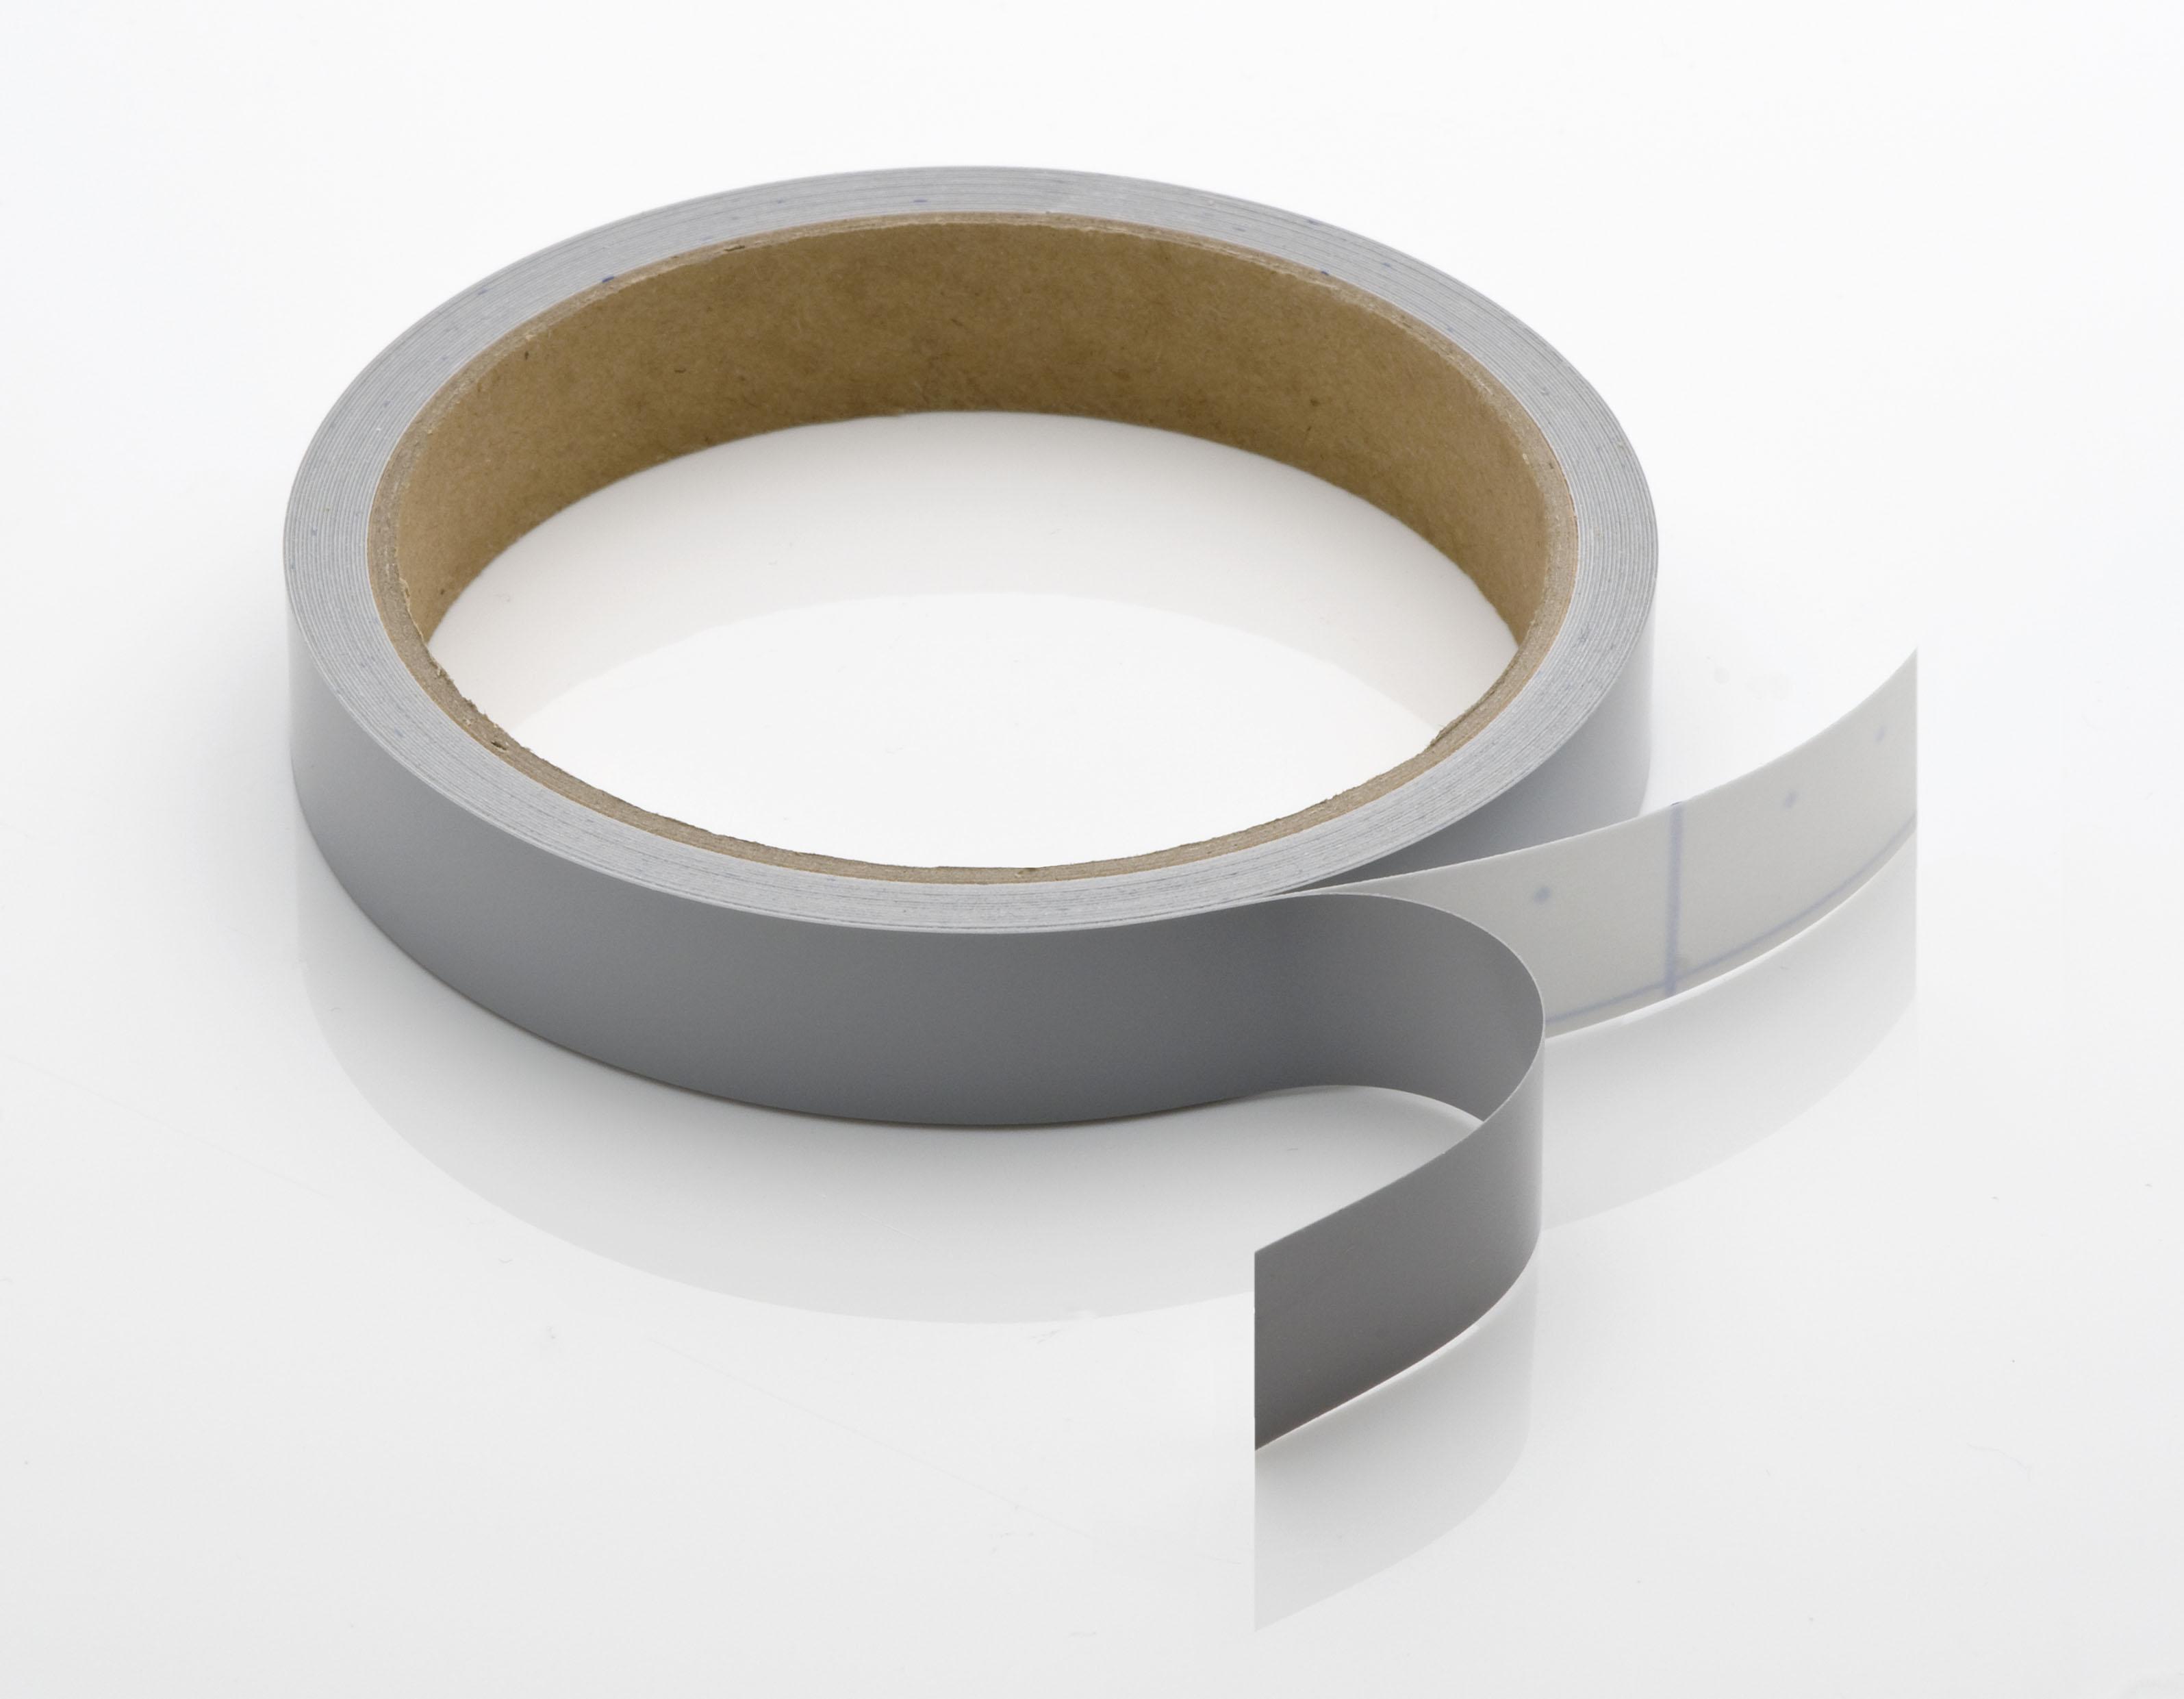 【カッティングシートテープ】  731フレンチグレー /15mm×5m巻【ゆうパケット可】